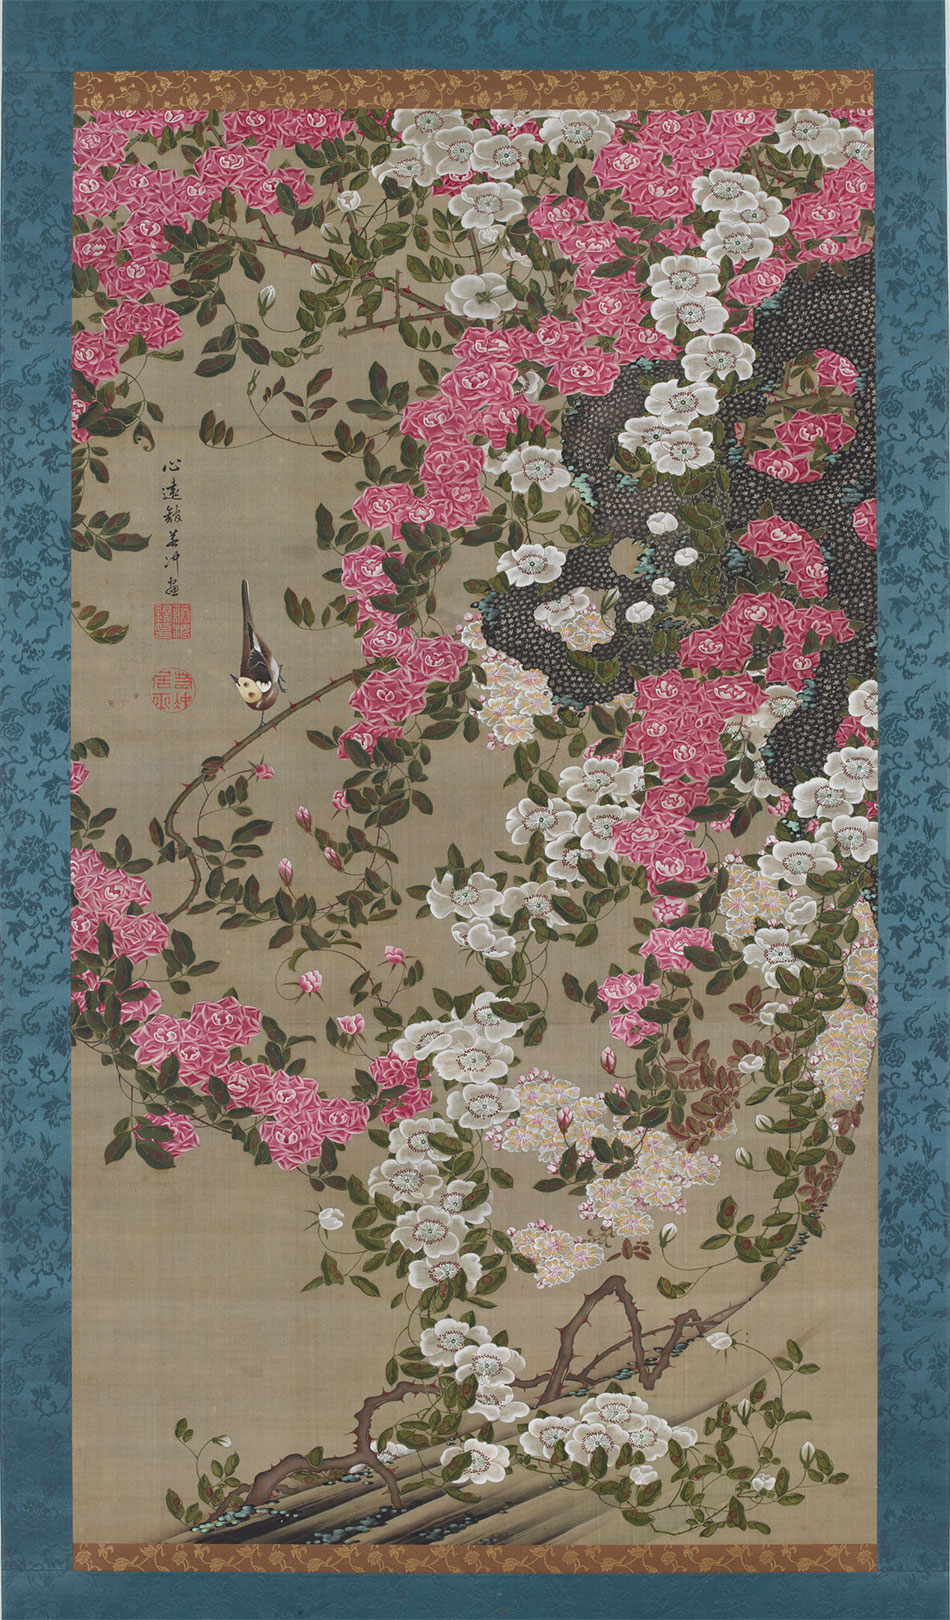 21_jakuchu_roses-and-birds_950_w